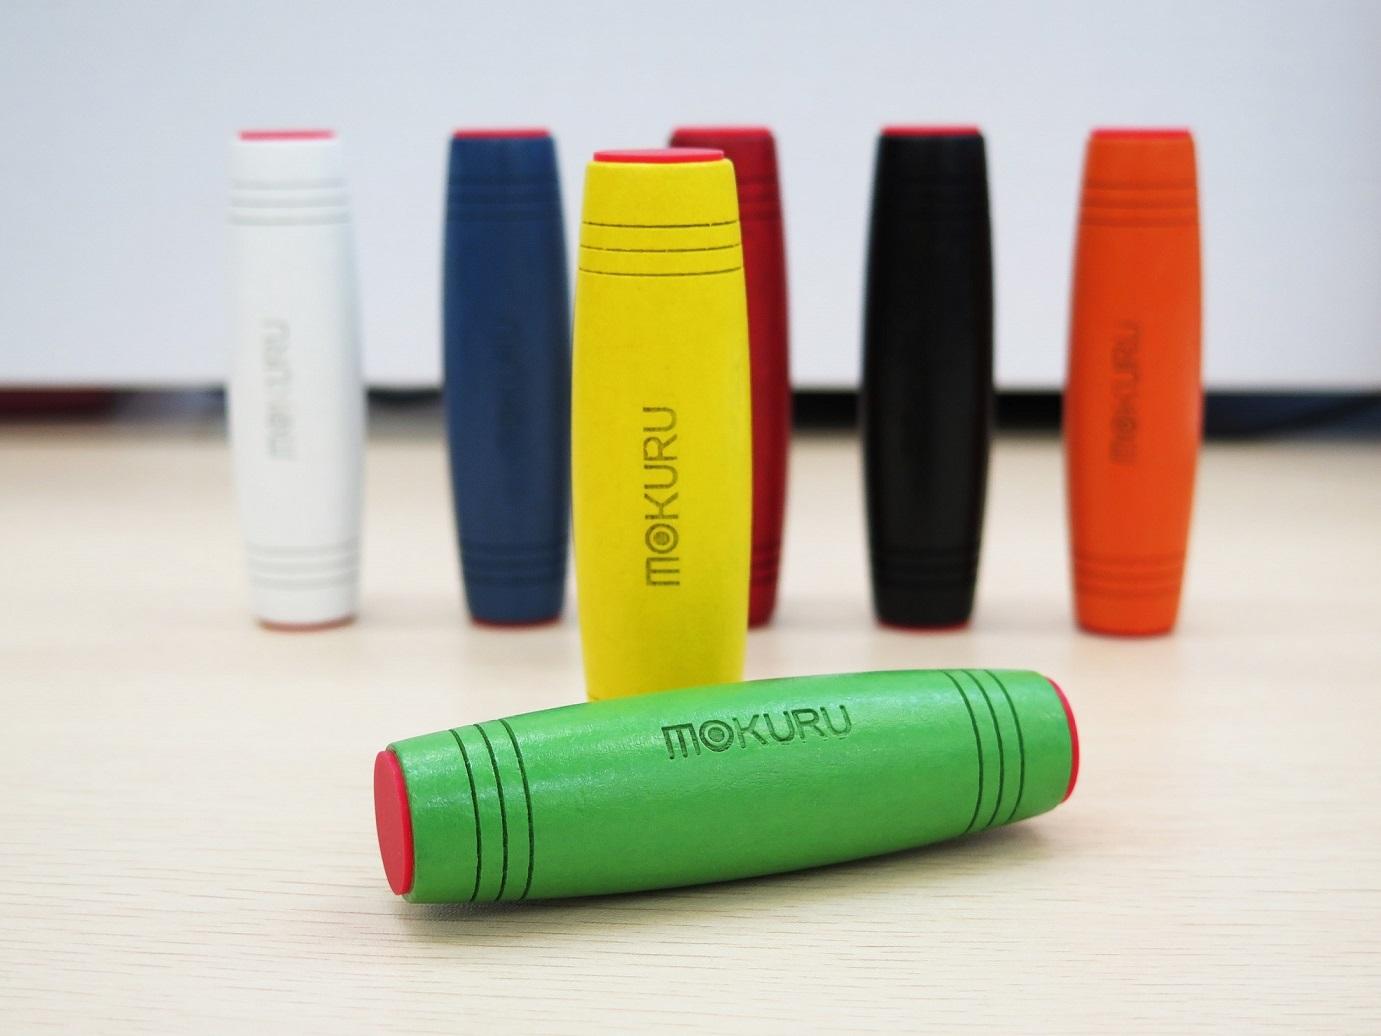 Mokuru; farebné varianty